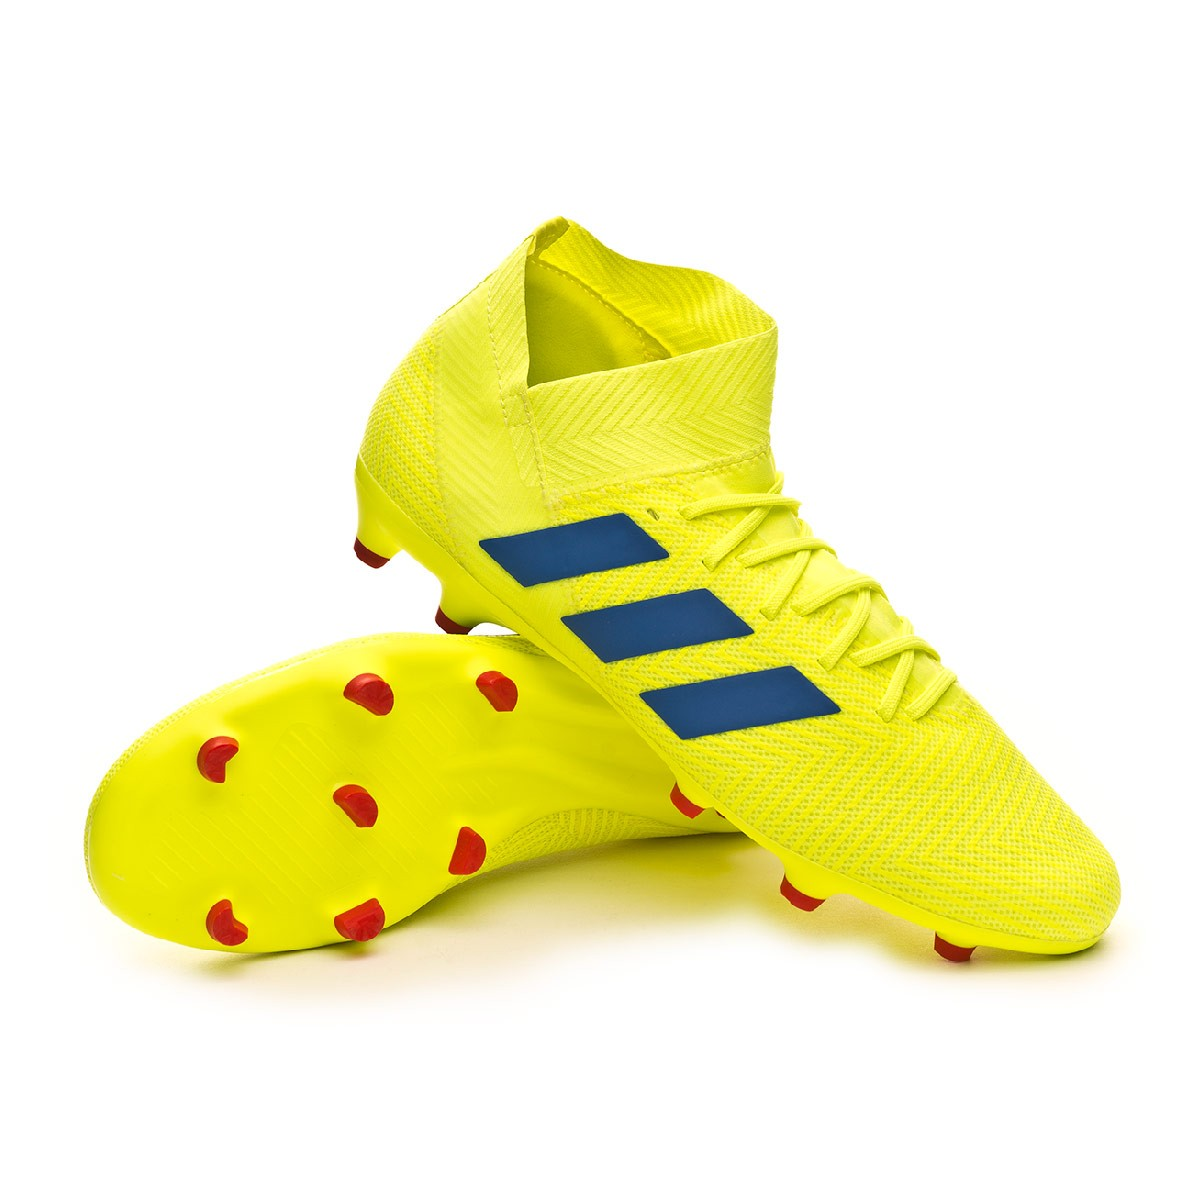 scarpe adidas nemeziz